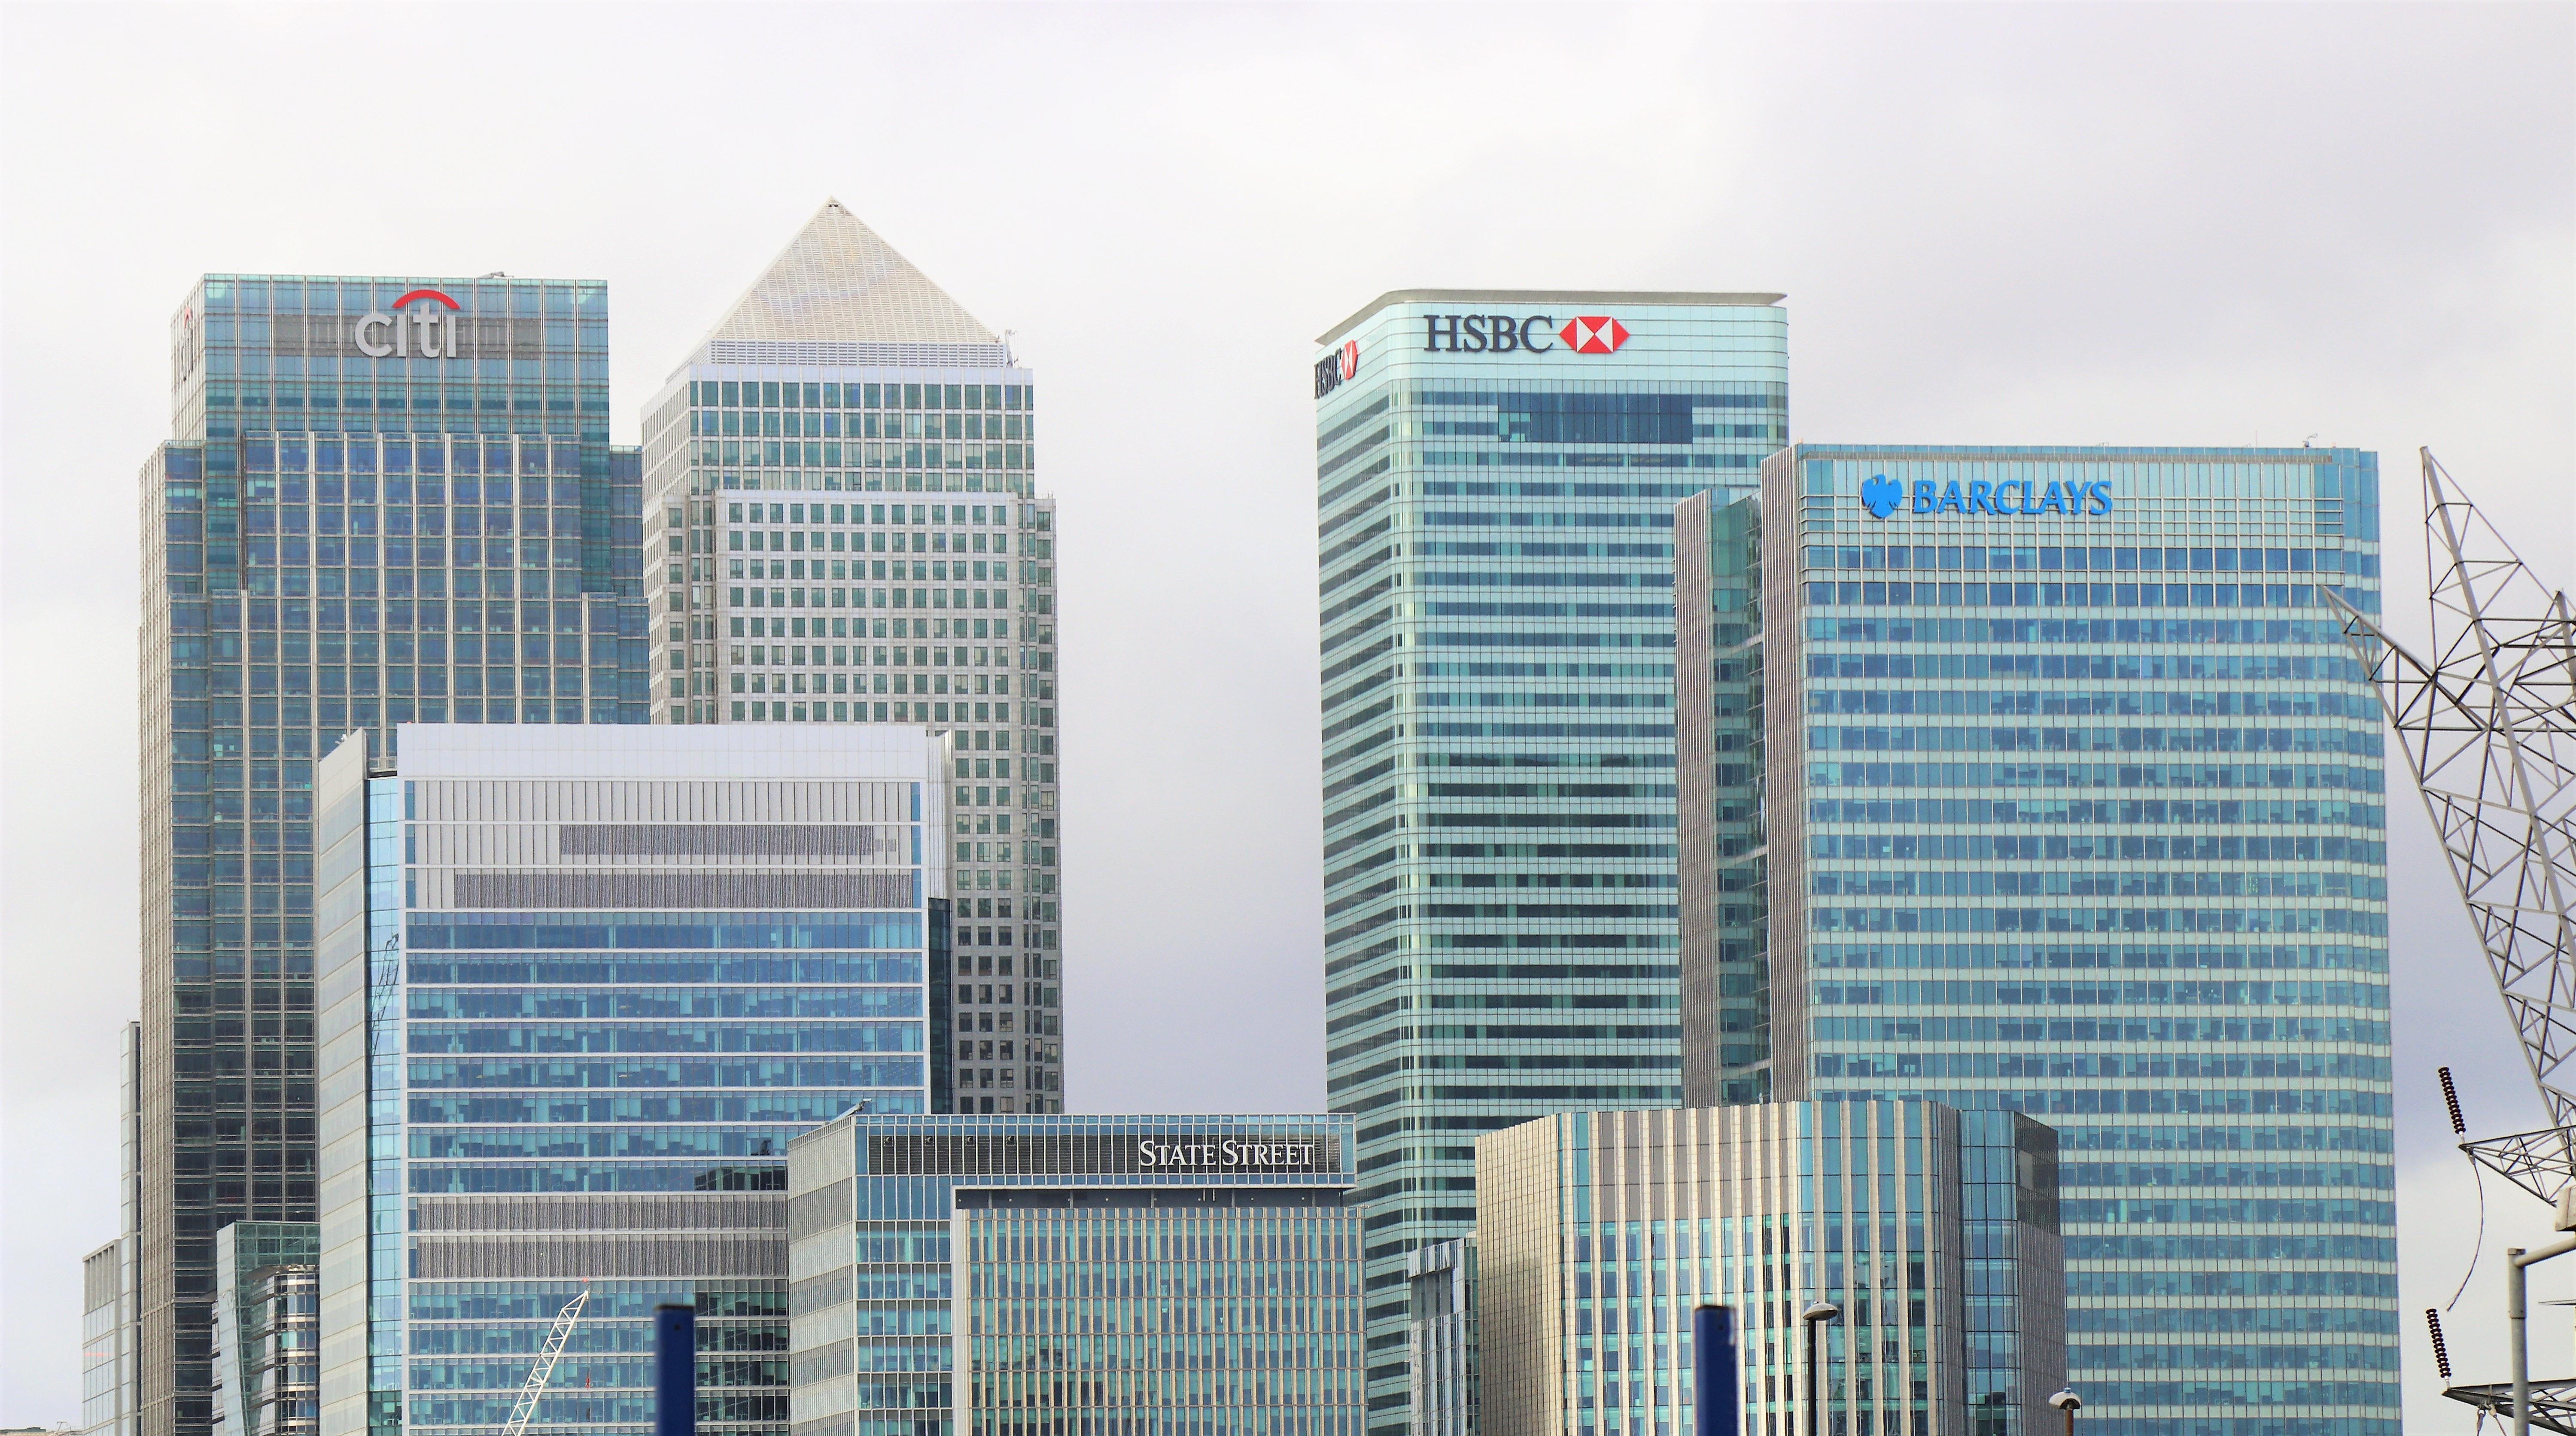 Sztuczna inteligencja staje się nieodłącznym elementem nowoczesnej bankowości